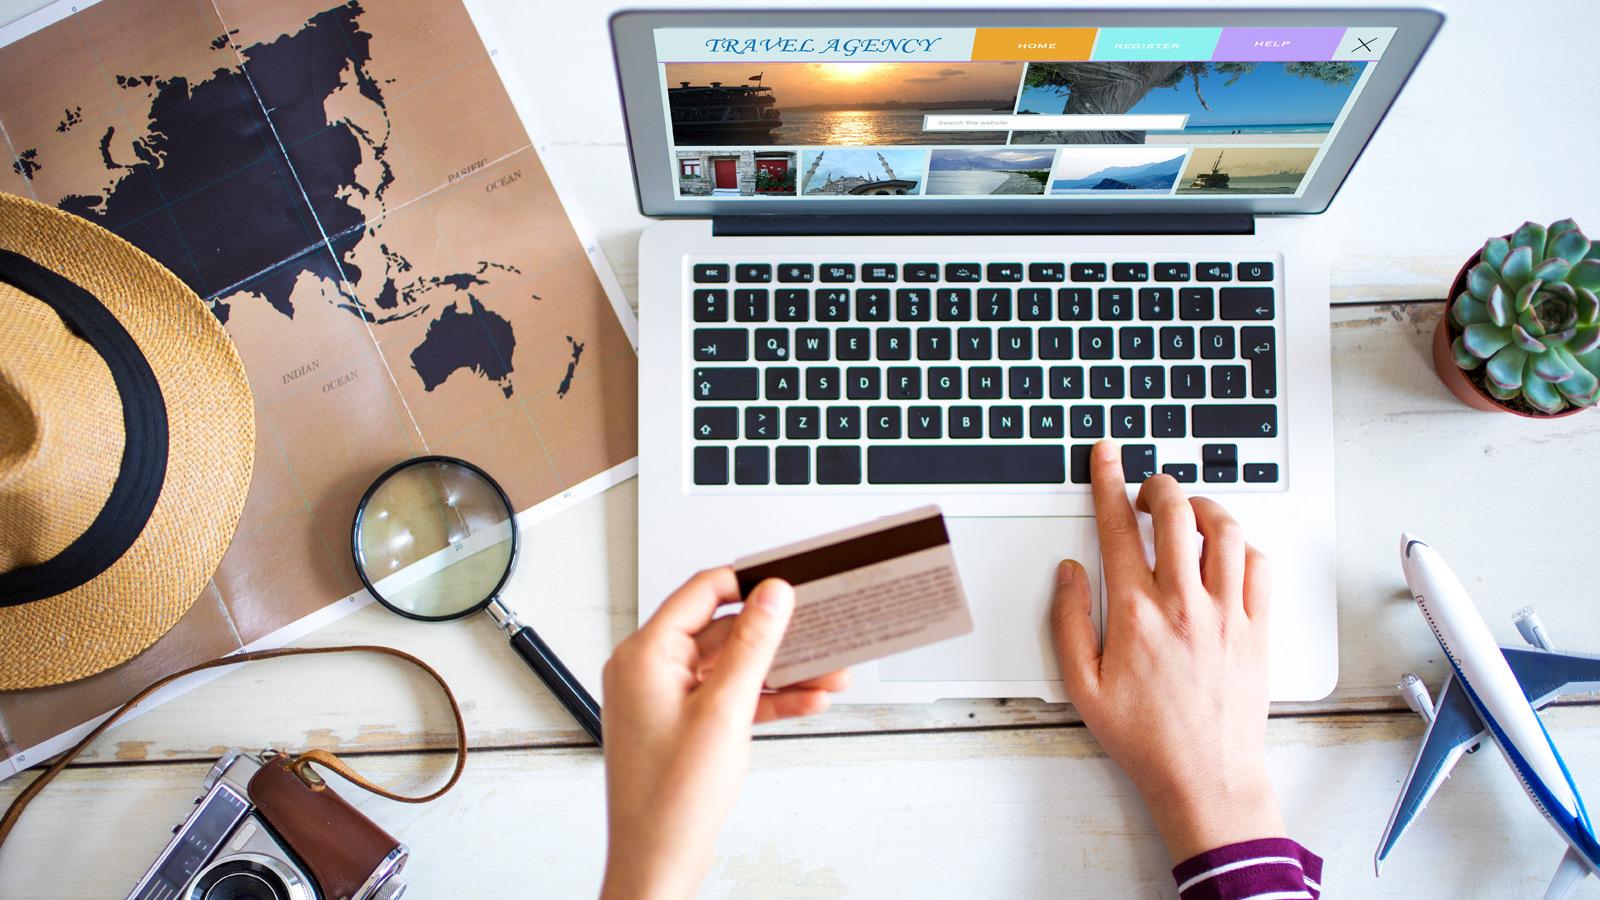 pessoa a planear viagem enquanto pesquisa no computador com mapa do mundo e fotografias